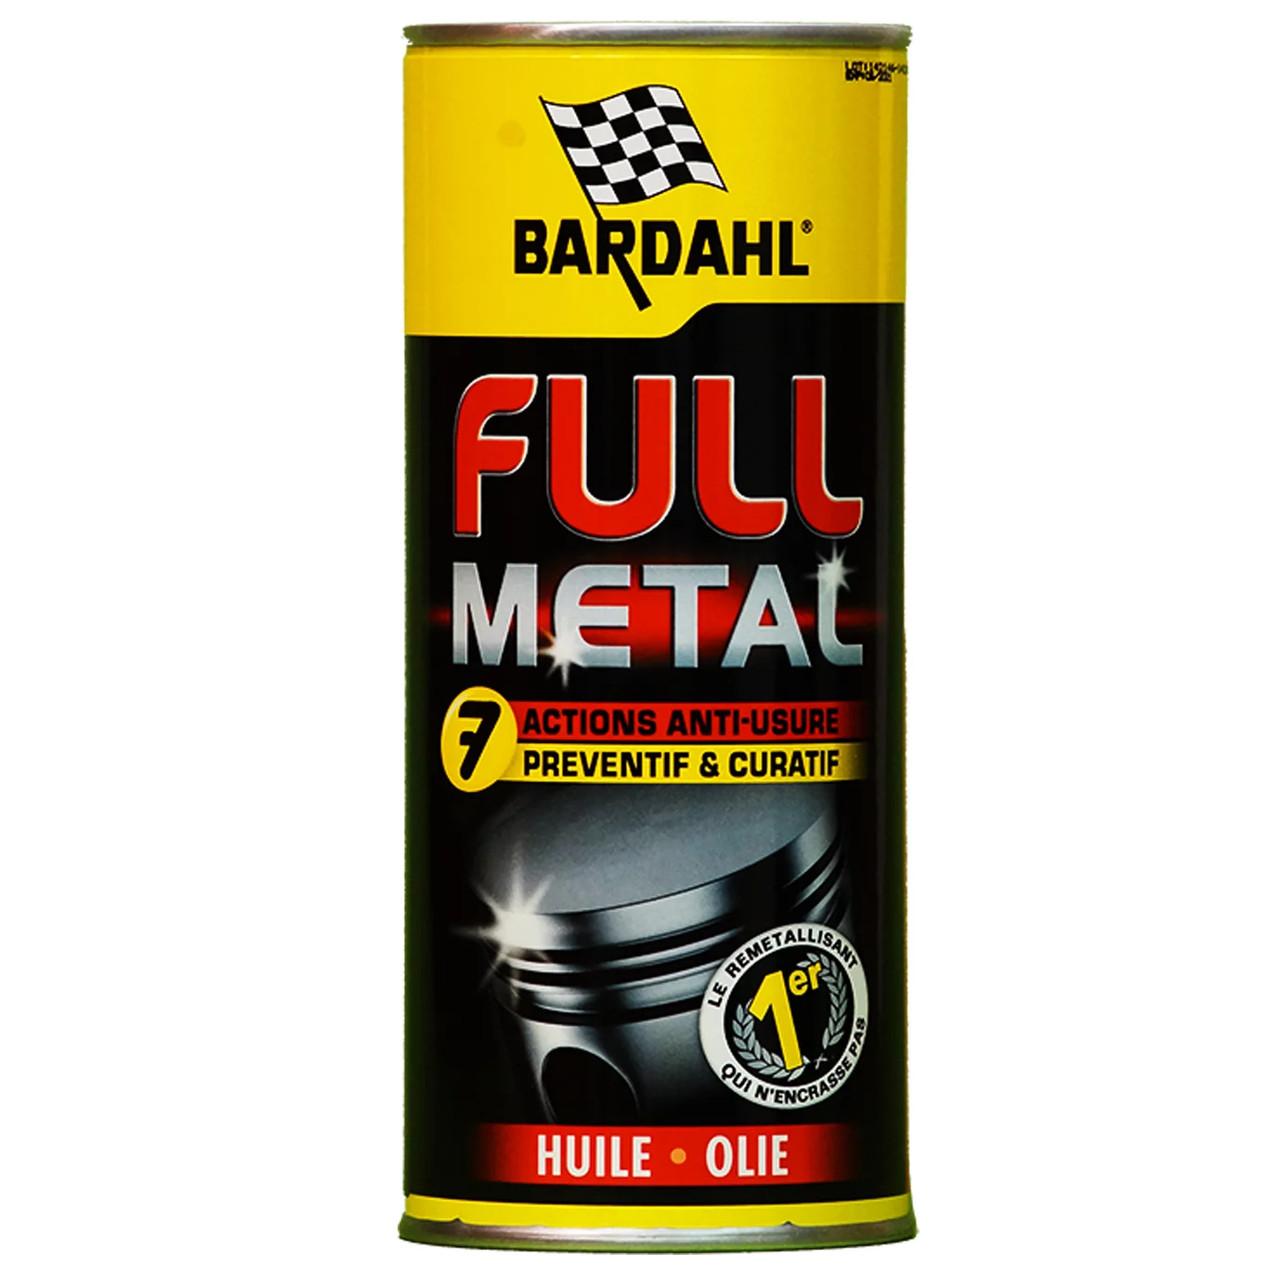 Bardahl Full Metal Комплексное восстановление и защита для проблемных двигателей(Франция)